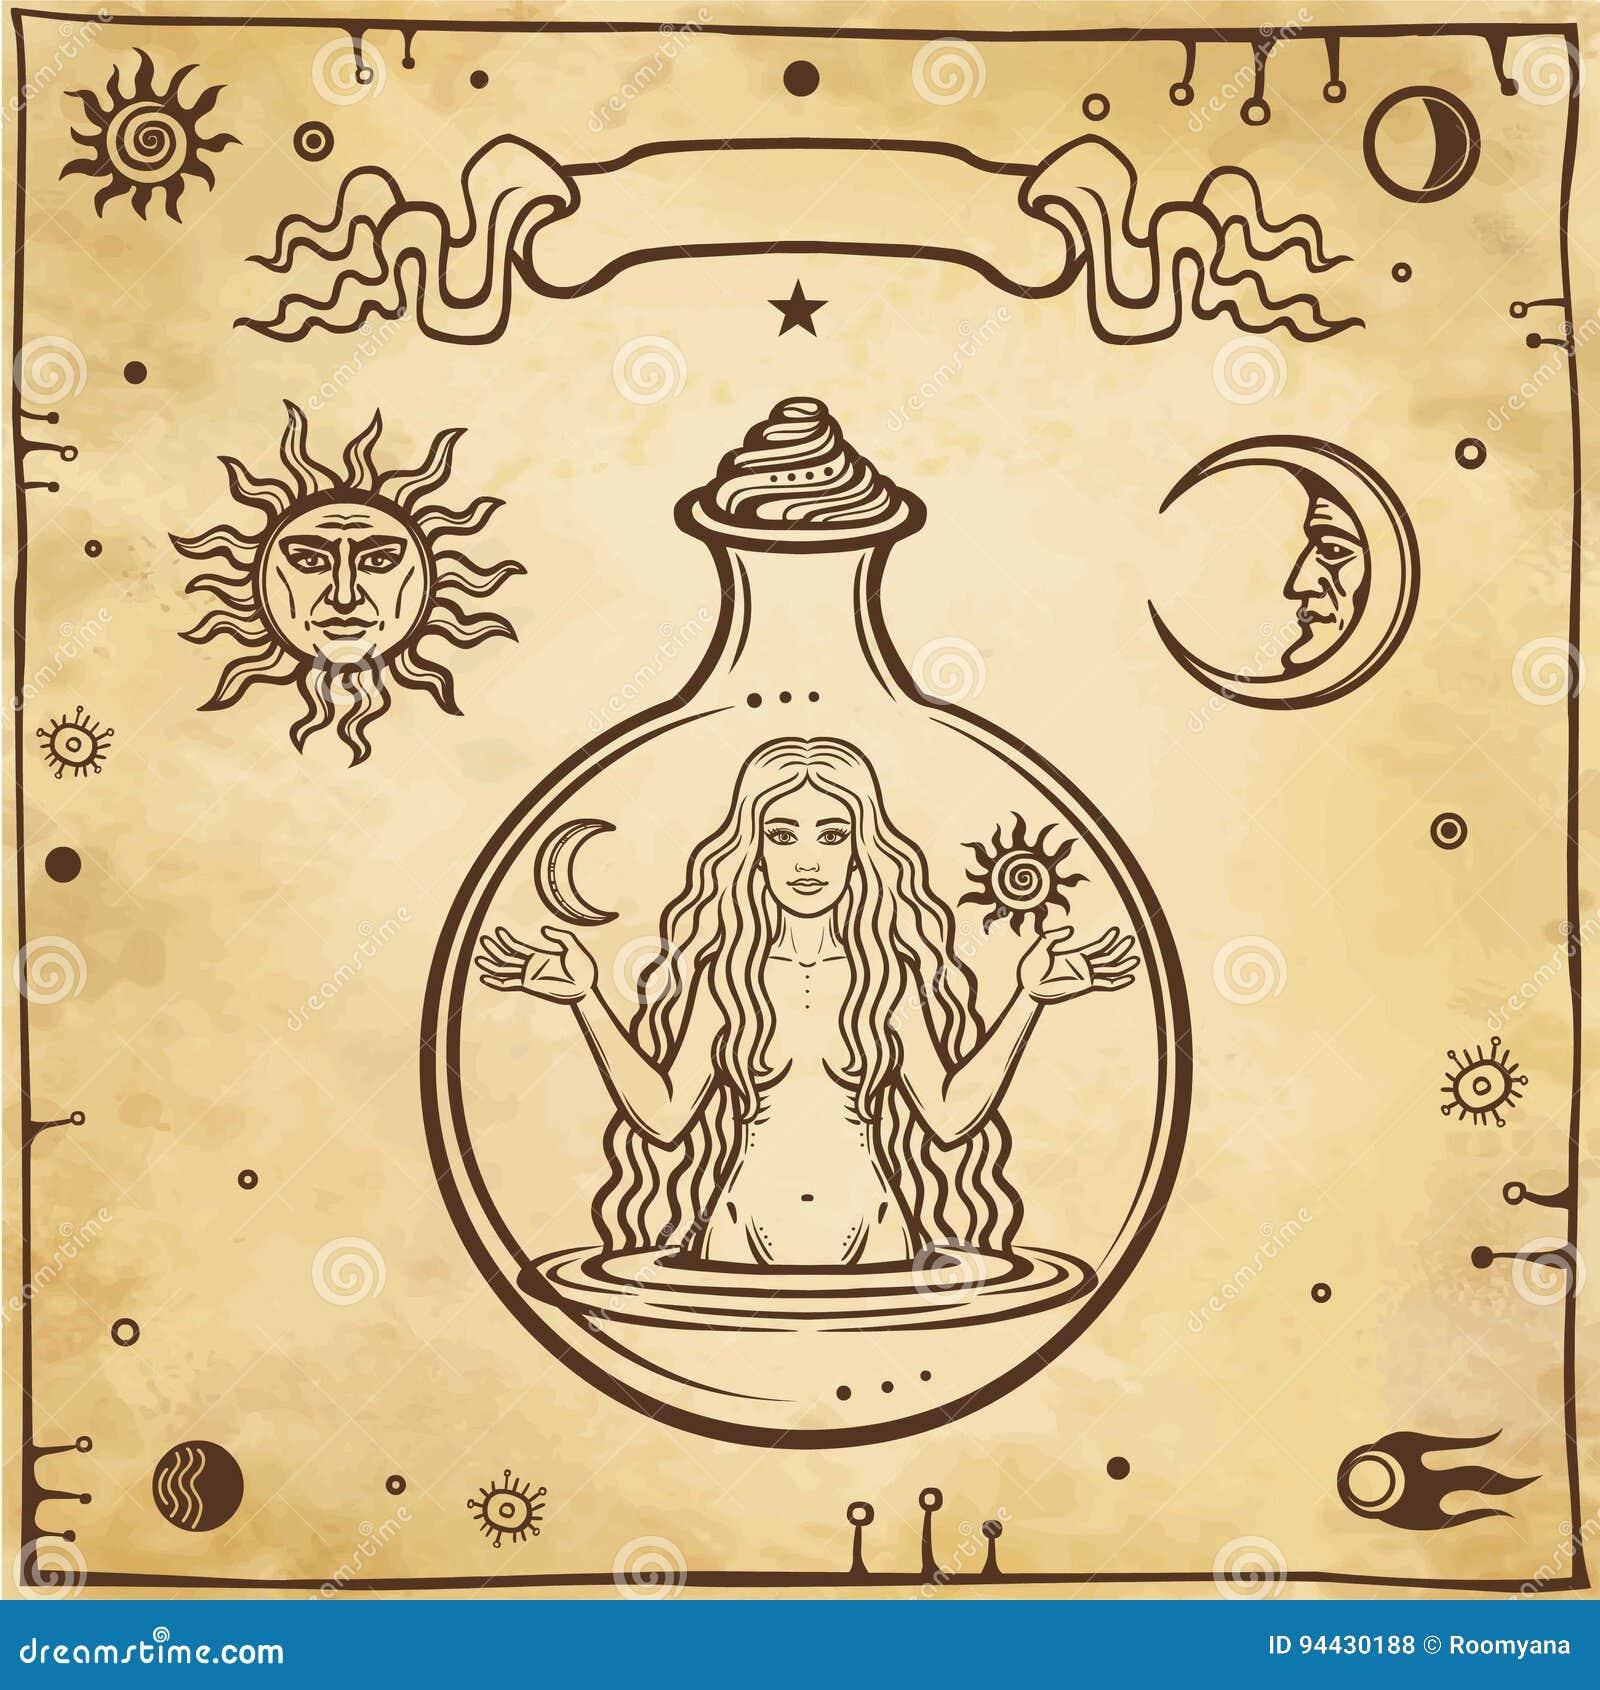 Disegno Alchemical: la giovane bella donna in una provetta